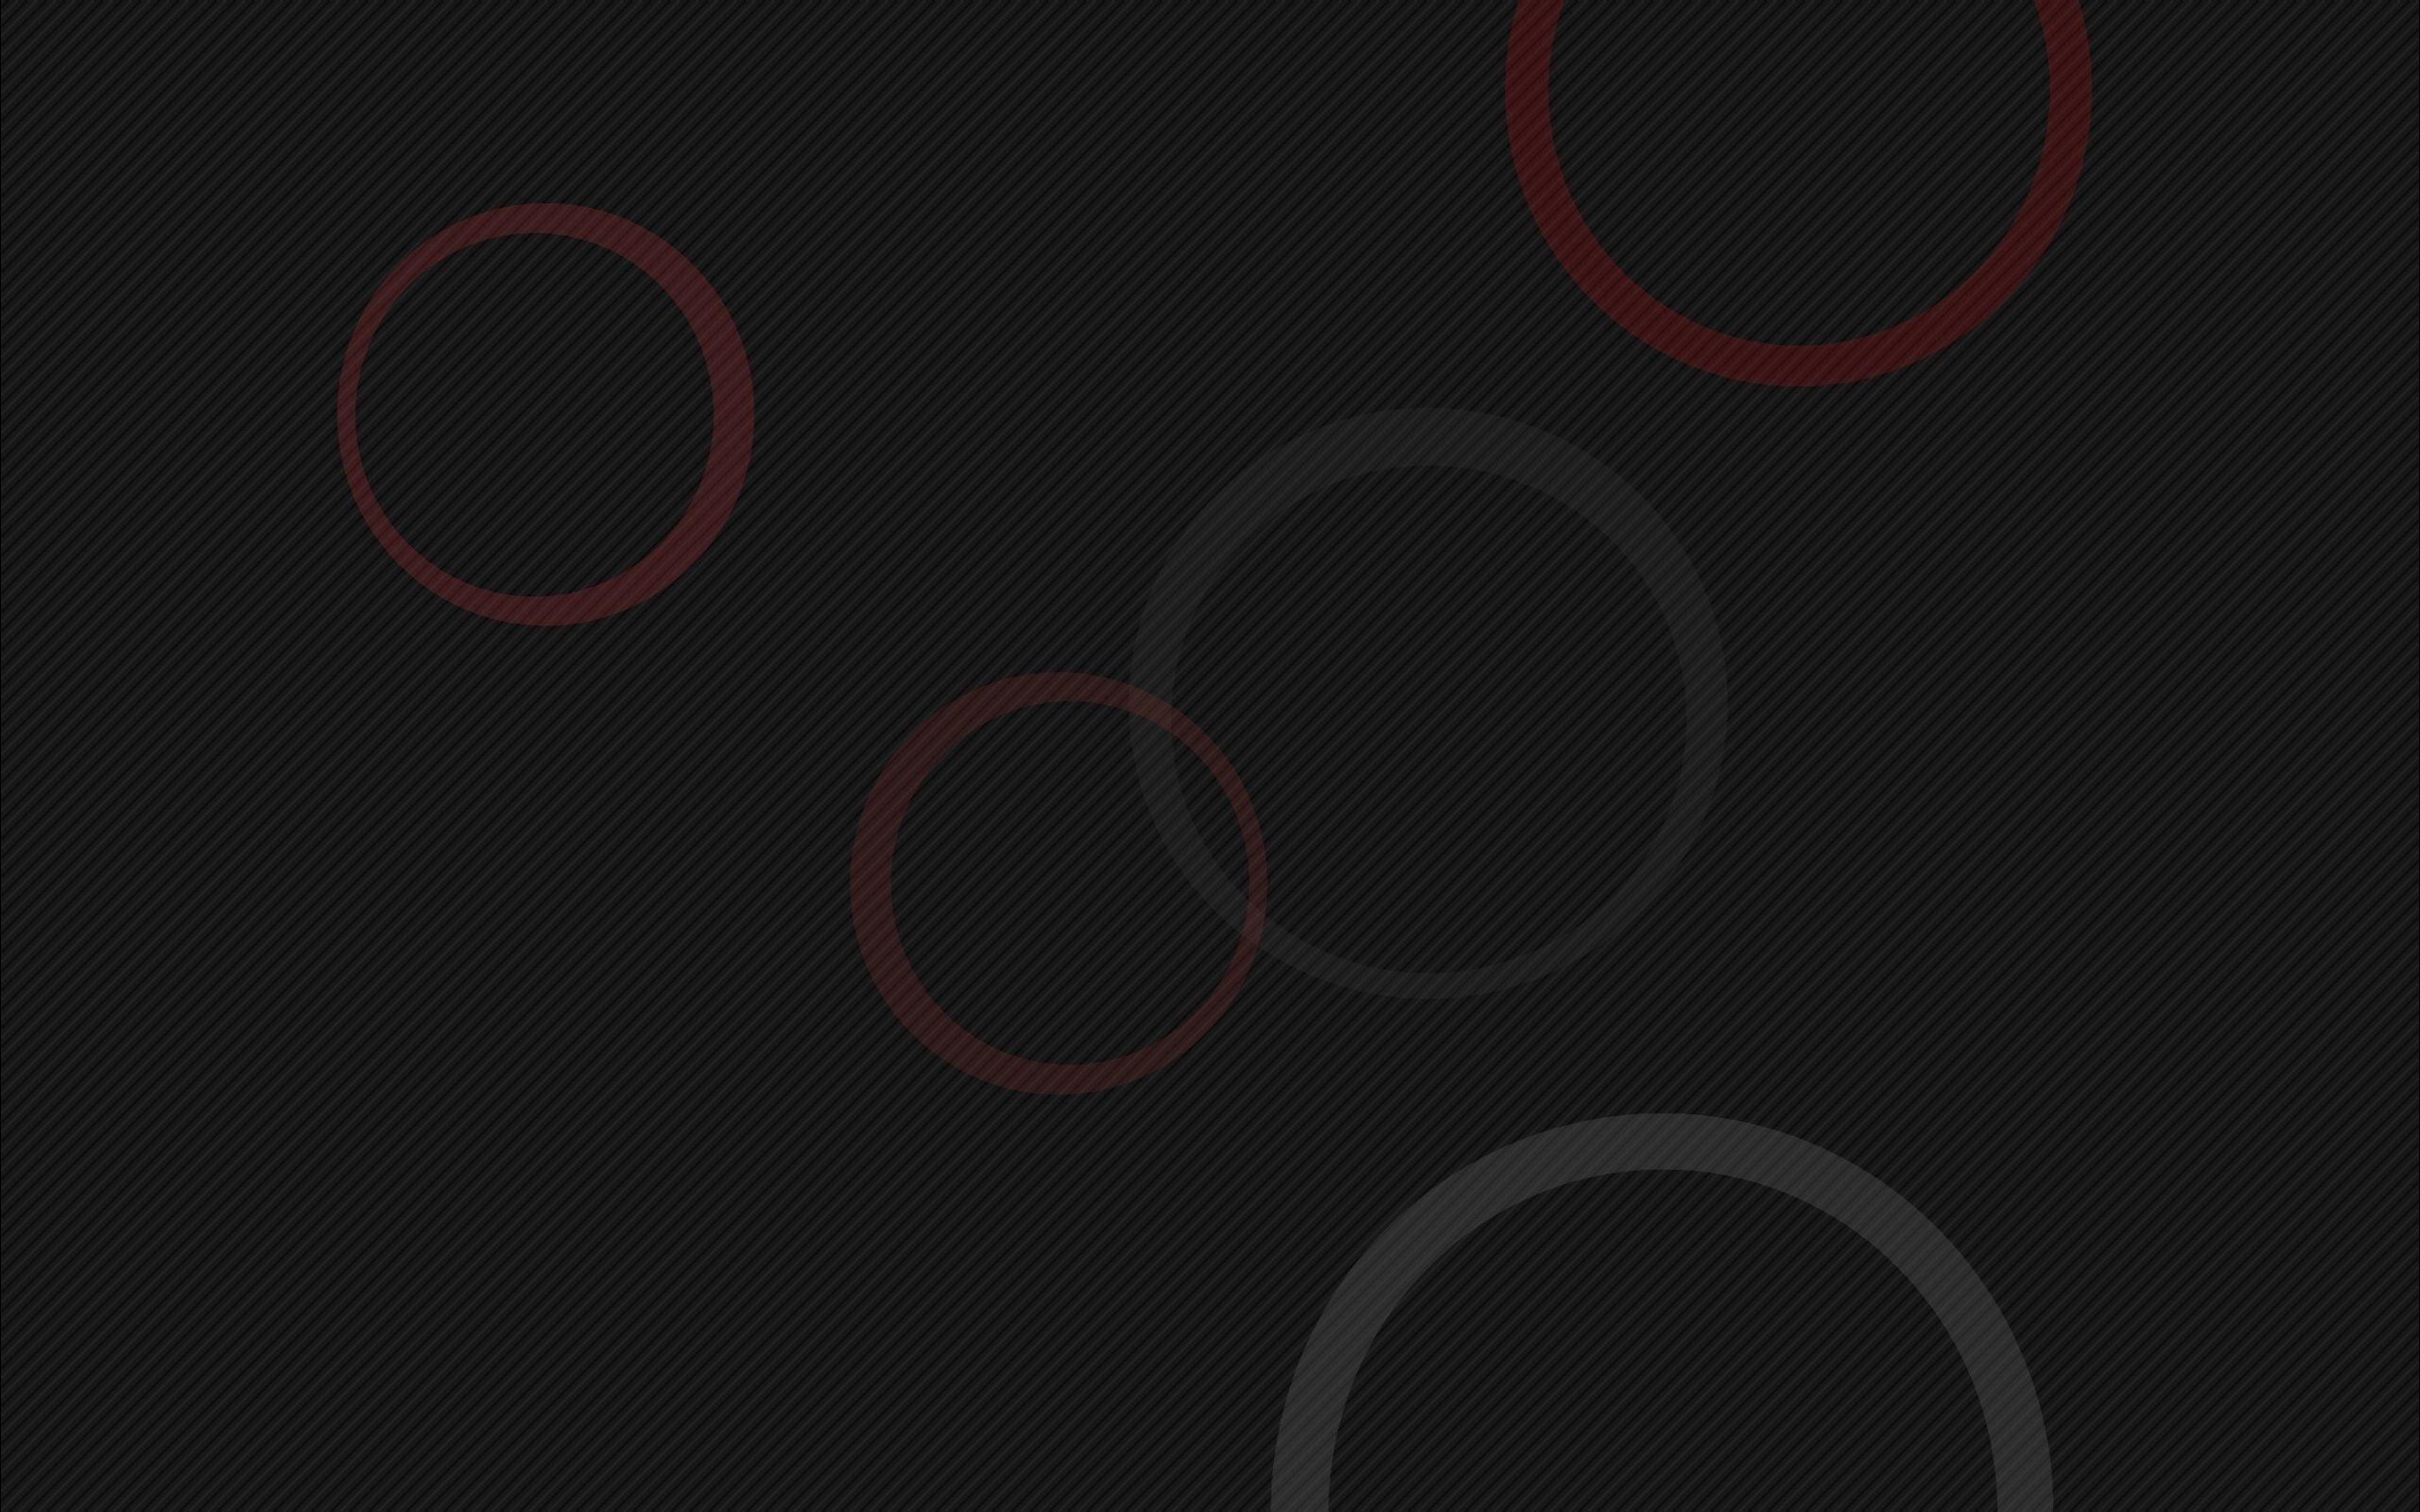 79912 Hintergrundbild herunterladen Hintergrund, Kreise, Textur, Texturen, Oberfläche, Schatten - Bildschirmschoner und Bilder kostenlos